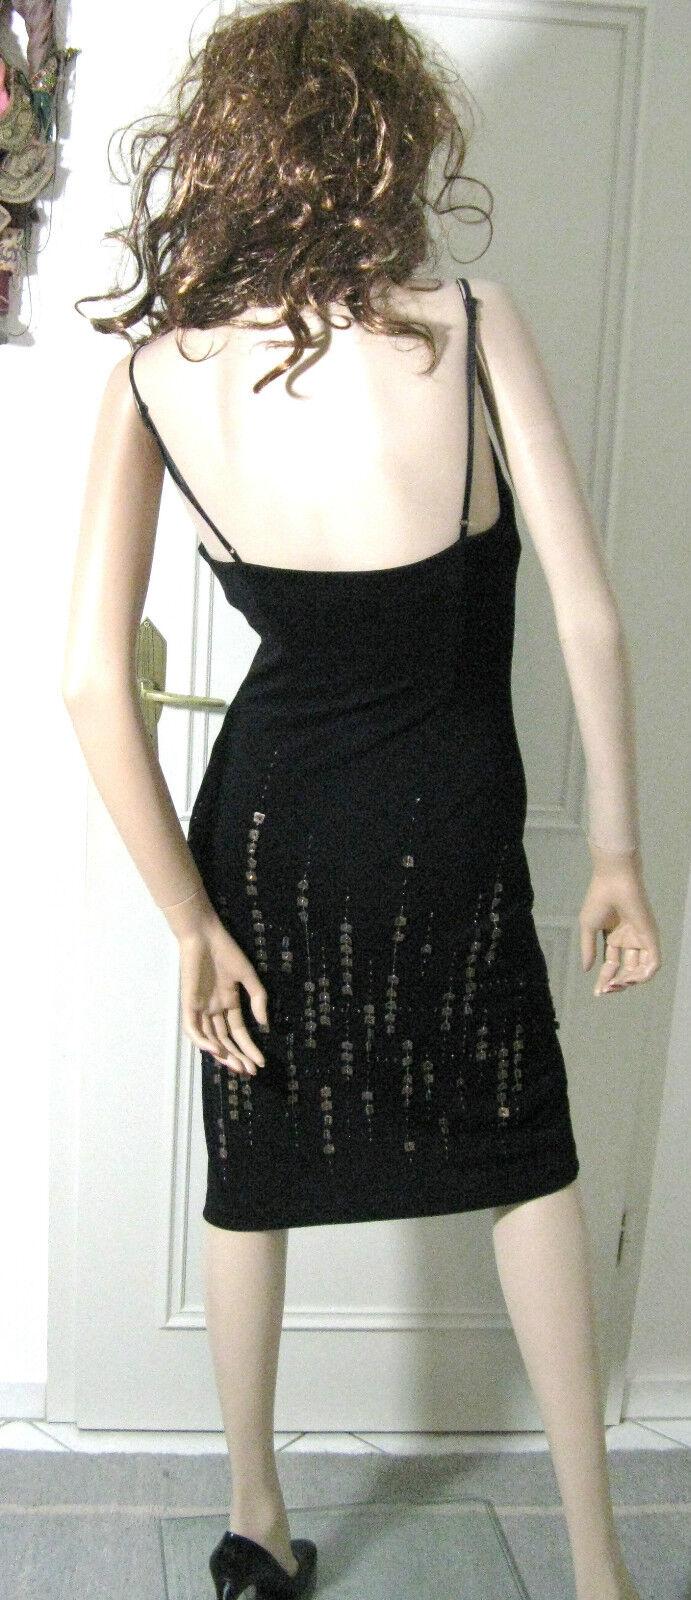 BCBG MAXAZRIA abito taglia 34 34 34 Rassiges nero pelle paillettes aderente sexy a8b9a8